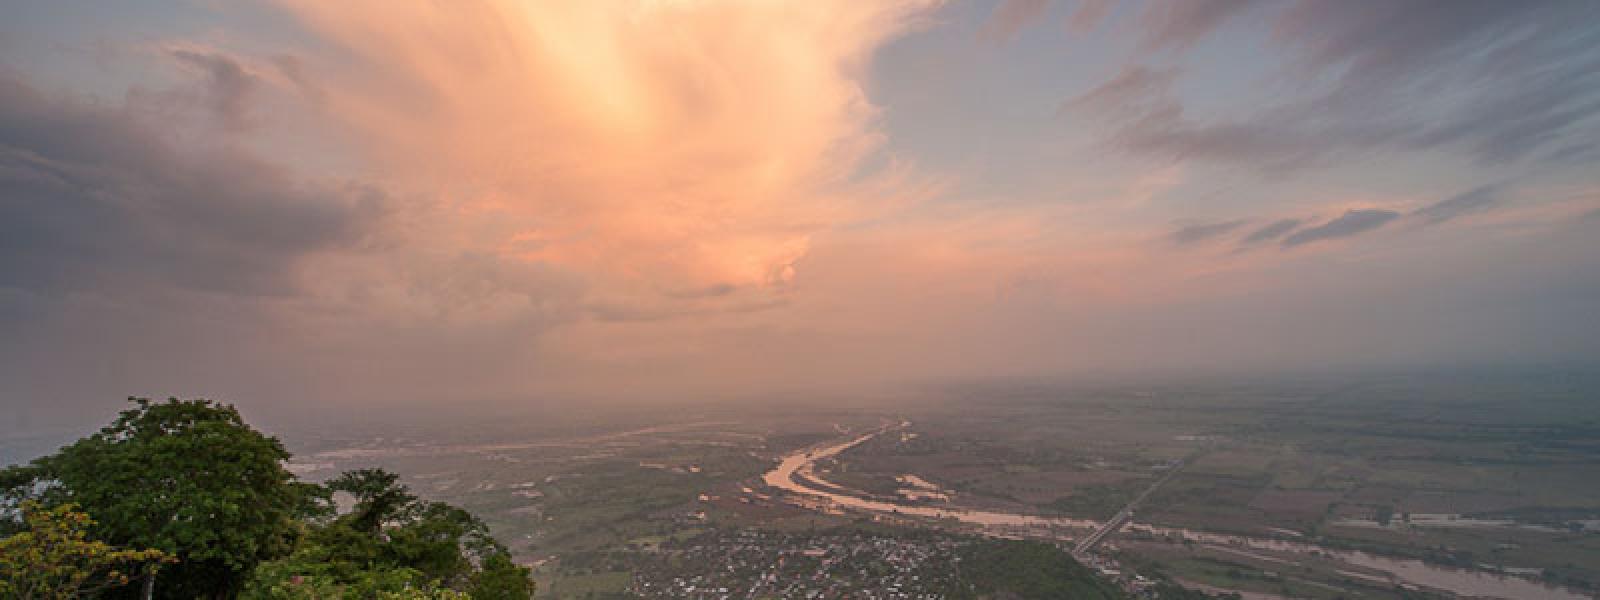 Vista aérea del río San Pedro Mezquital abriéndose paso entre las llanuras en Nayarit, México.